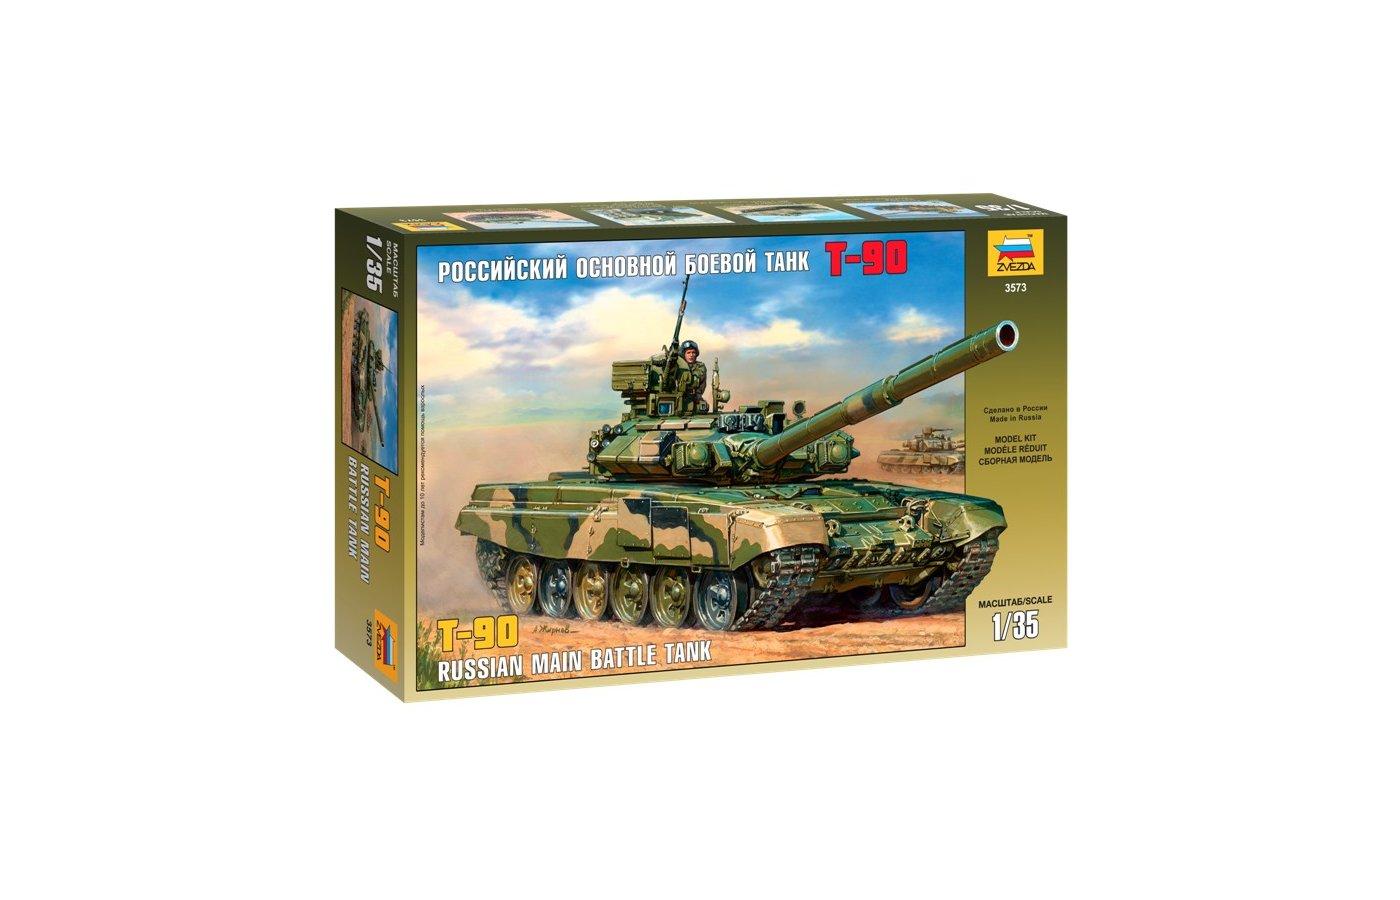 Конструктор ЗВЕЗДА 3573 Российский основной боевой танк Т-90